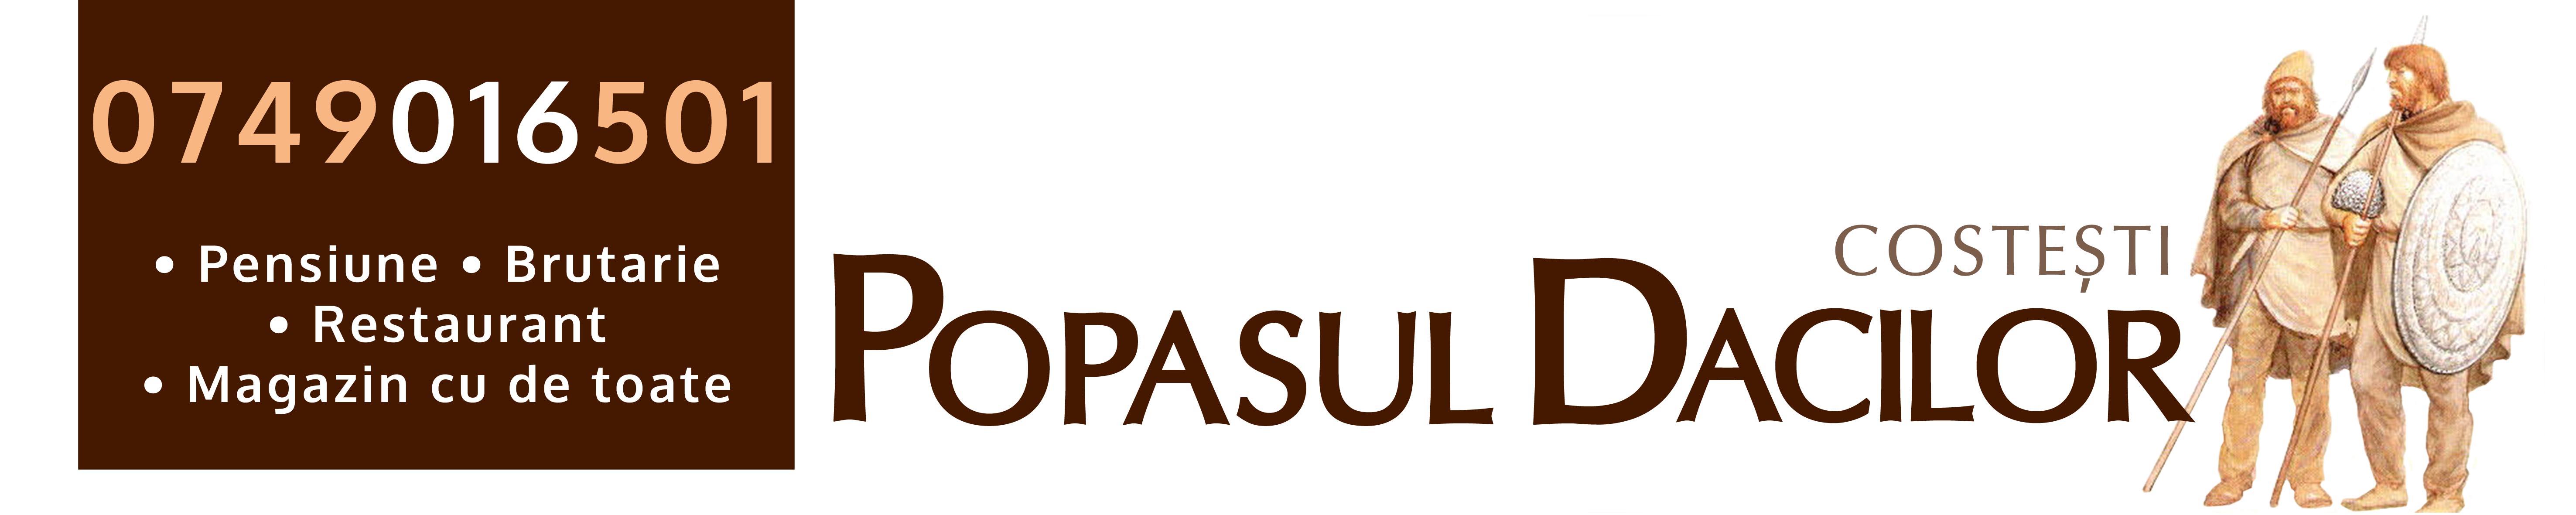 Popasul-dacilor-satul-costesti